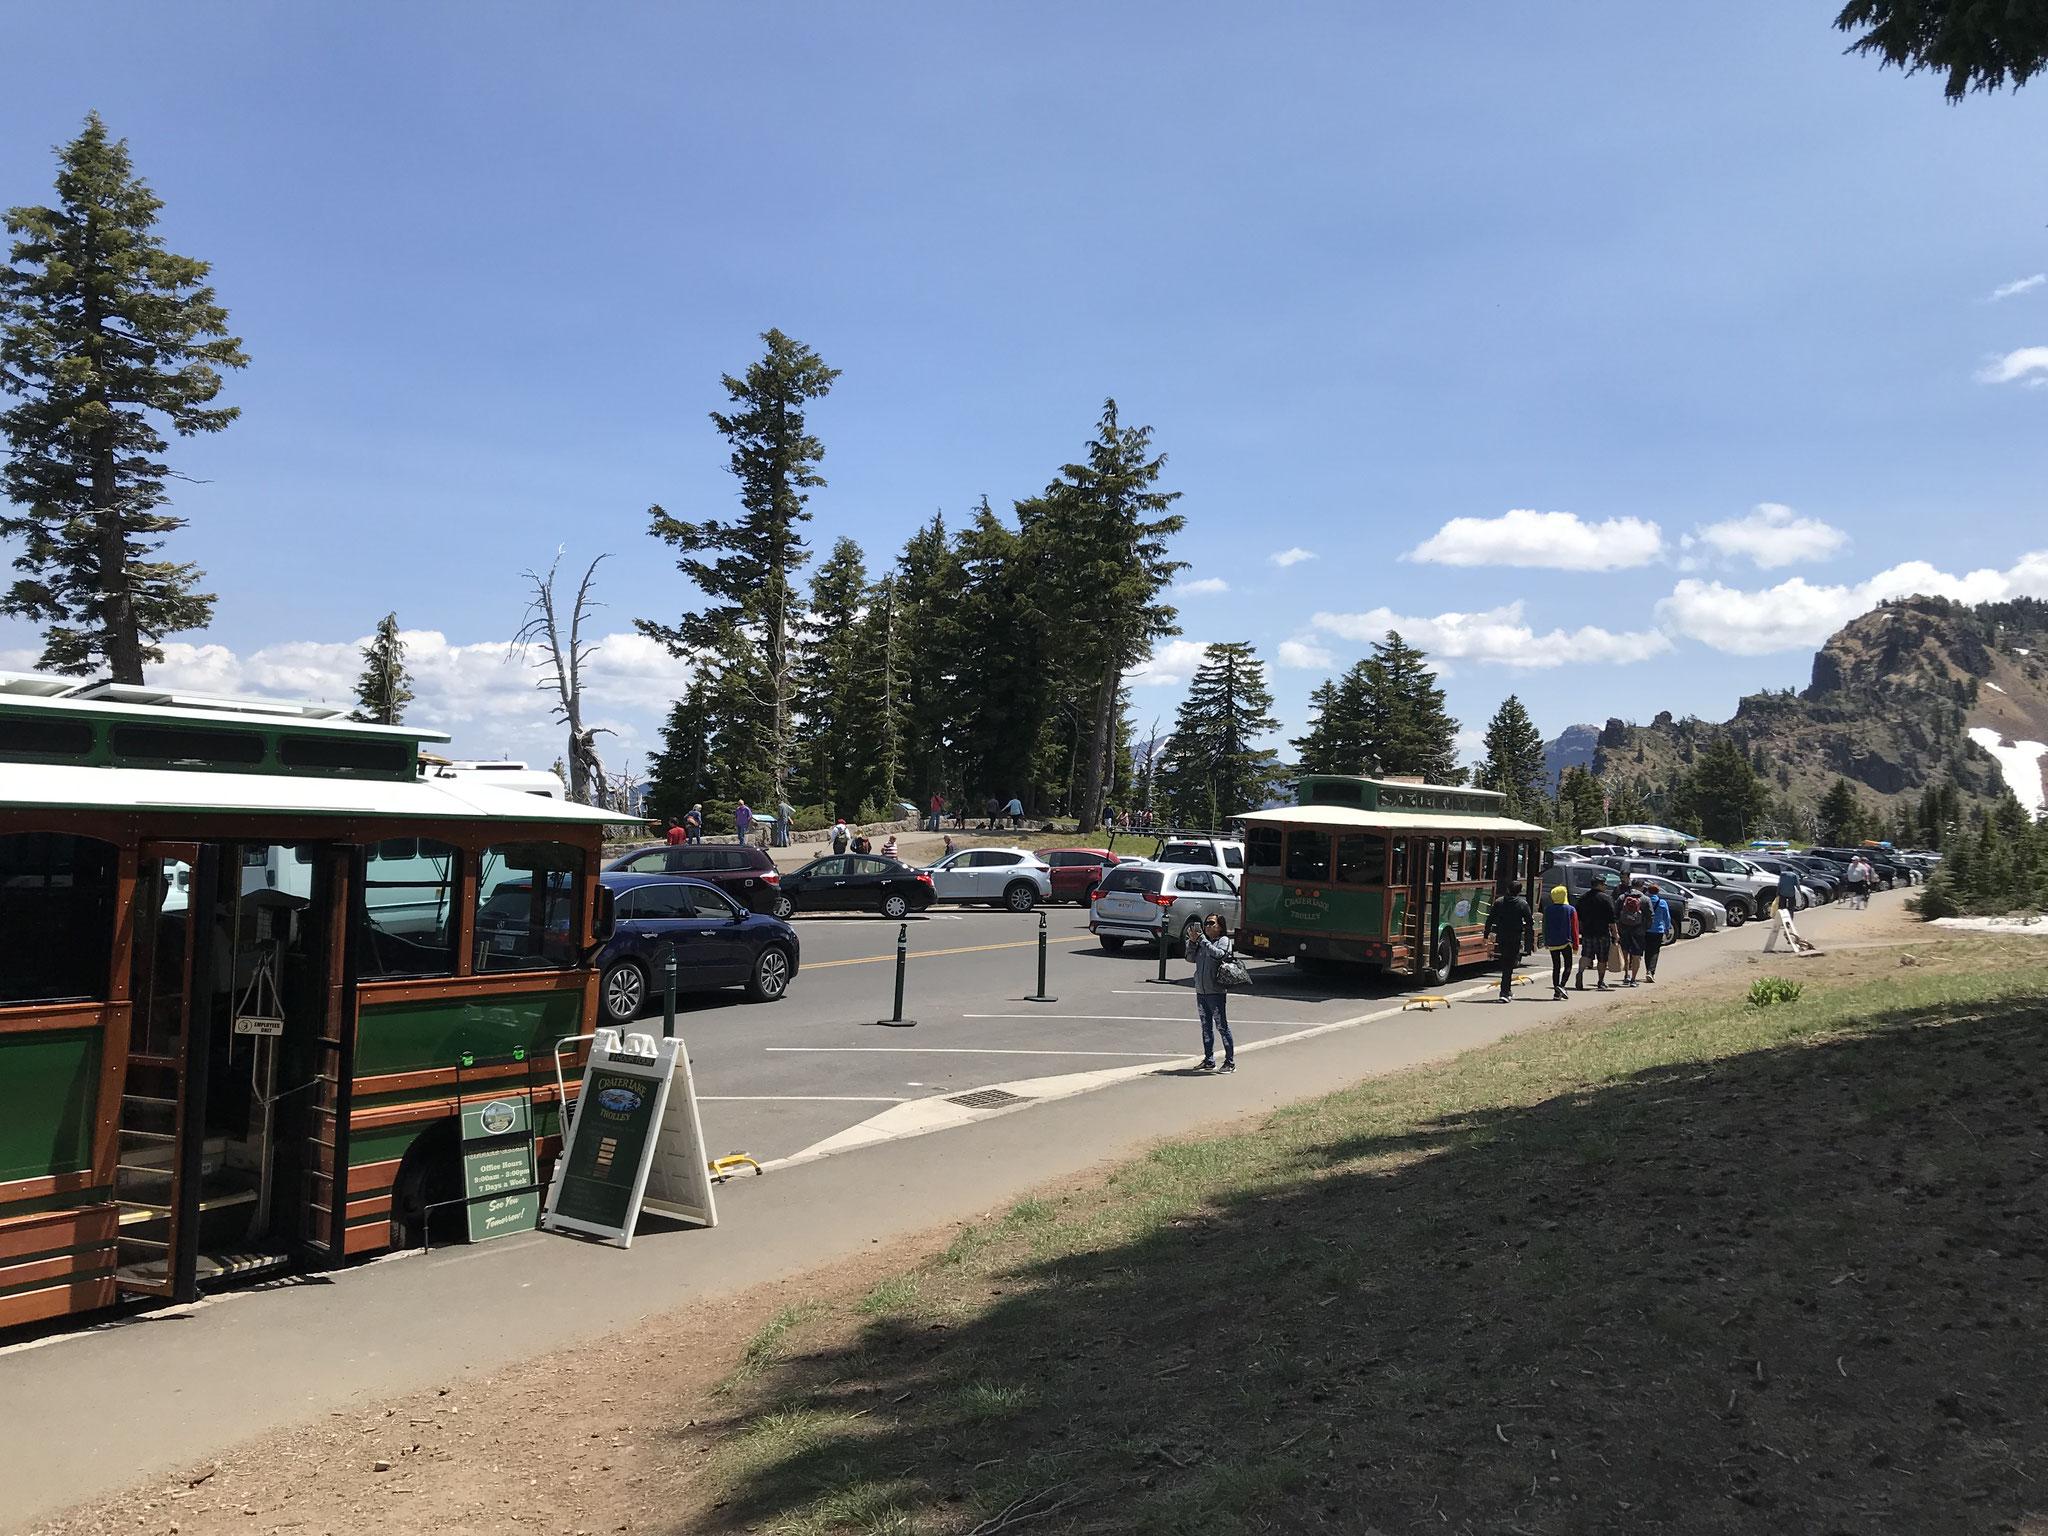 Den Besuchern des Parks wird einiges geboten. Zum Beispiel eine Fahrt mit einem gasbetriebenen Touristenbus um den See.